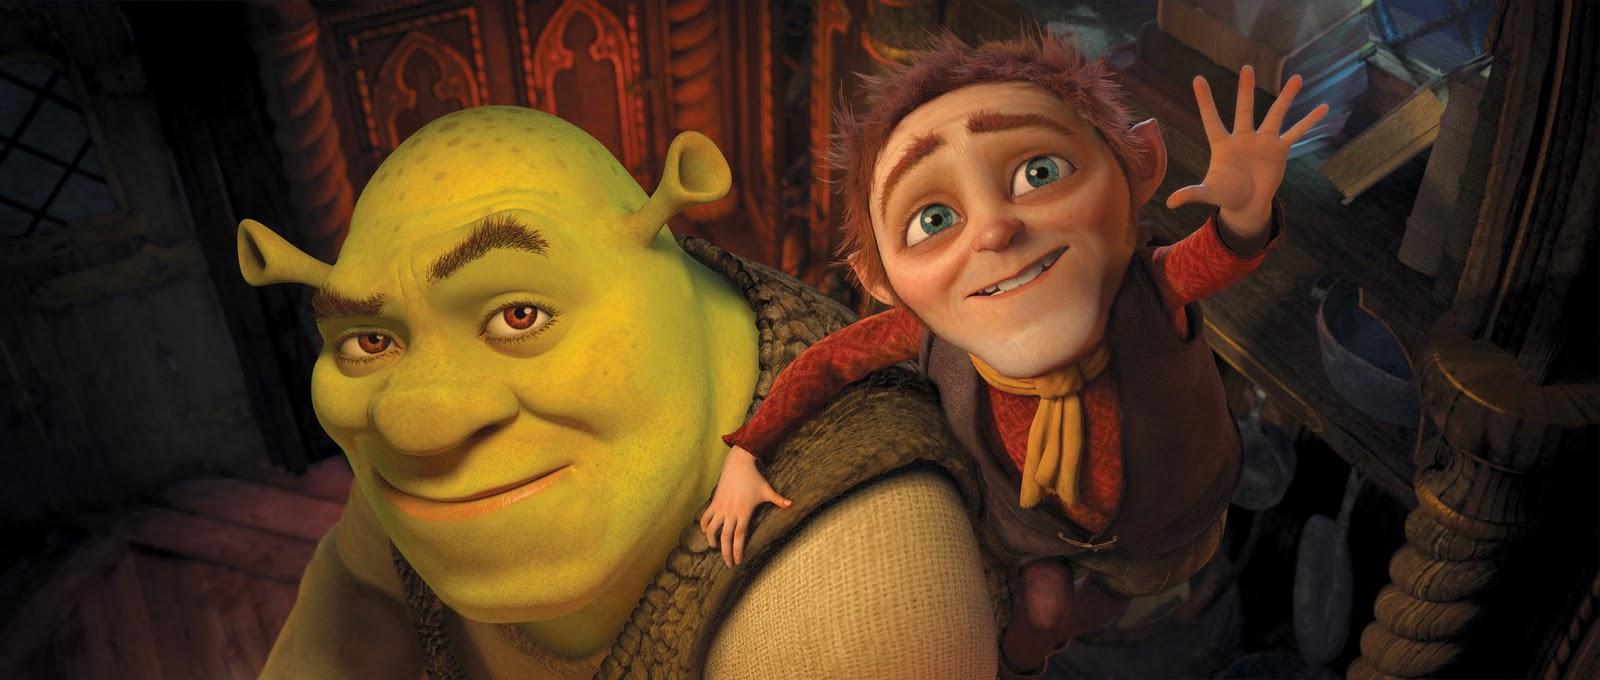 Shrek e Rumpelstiltskin